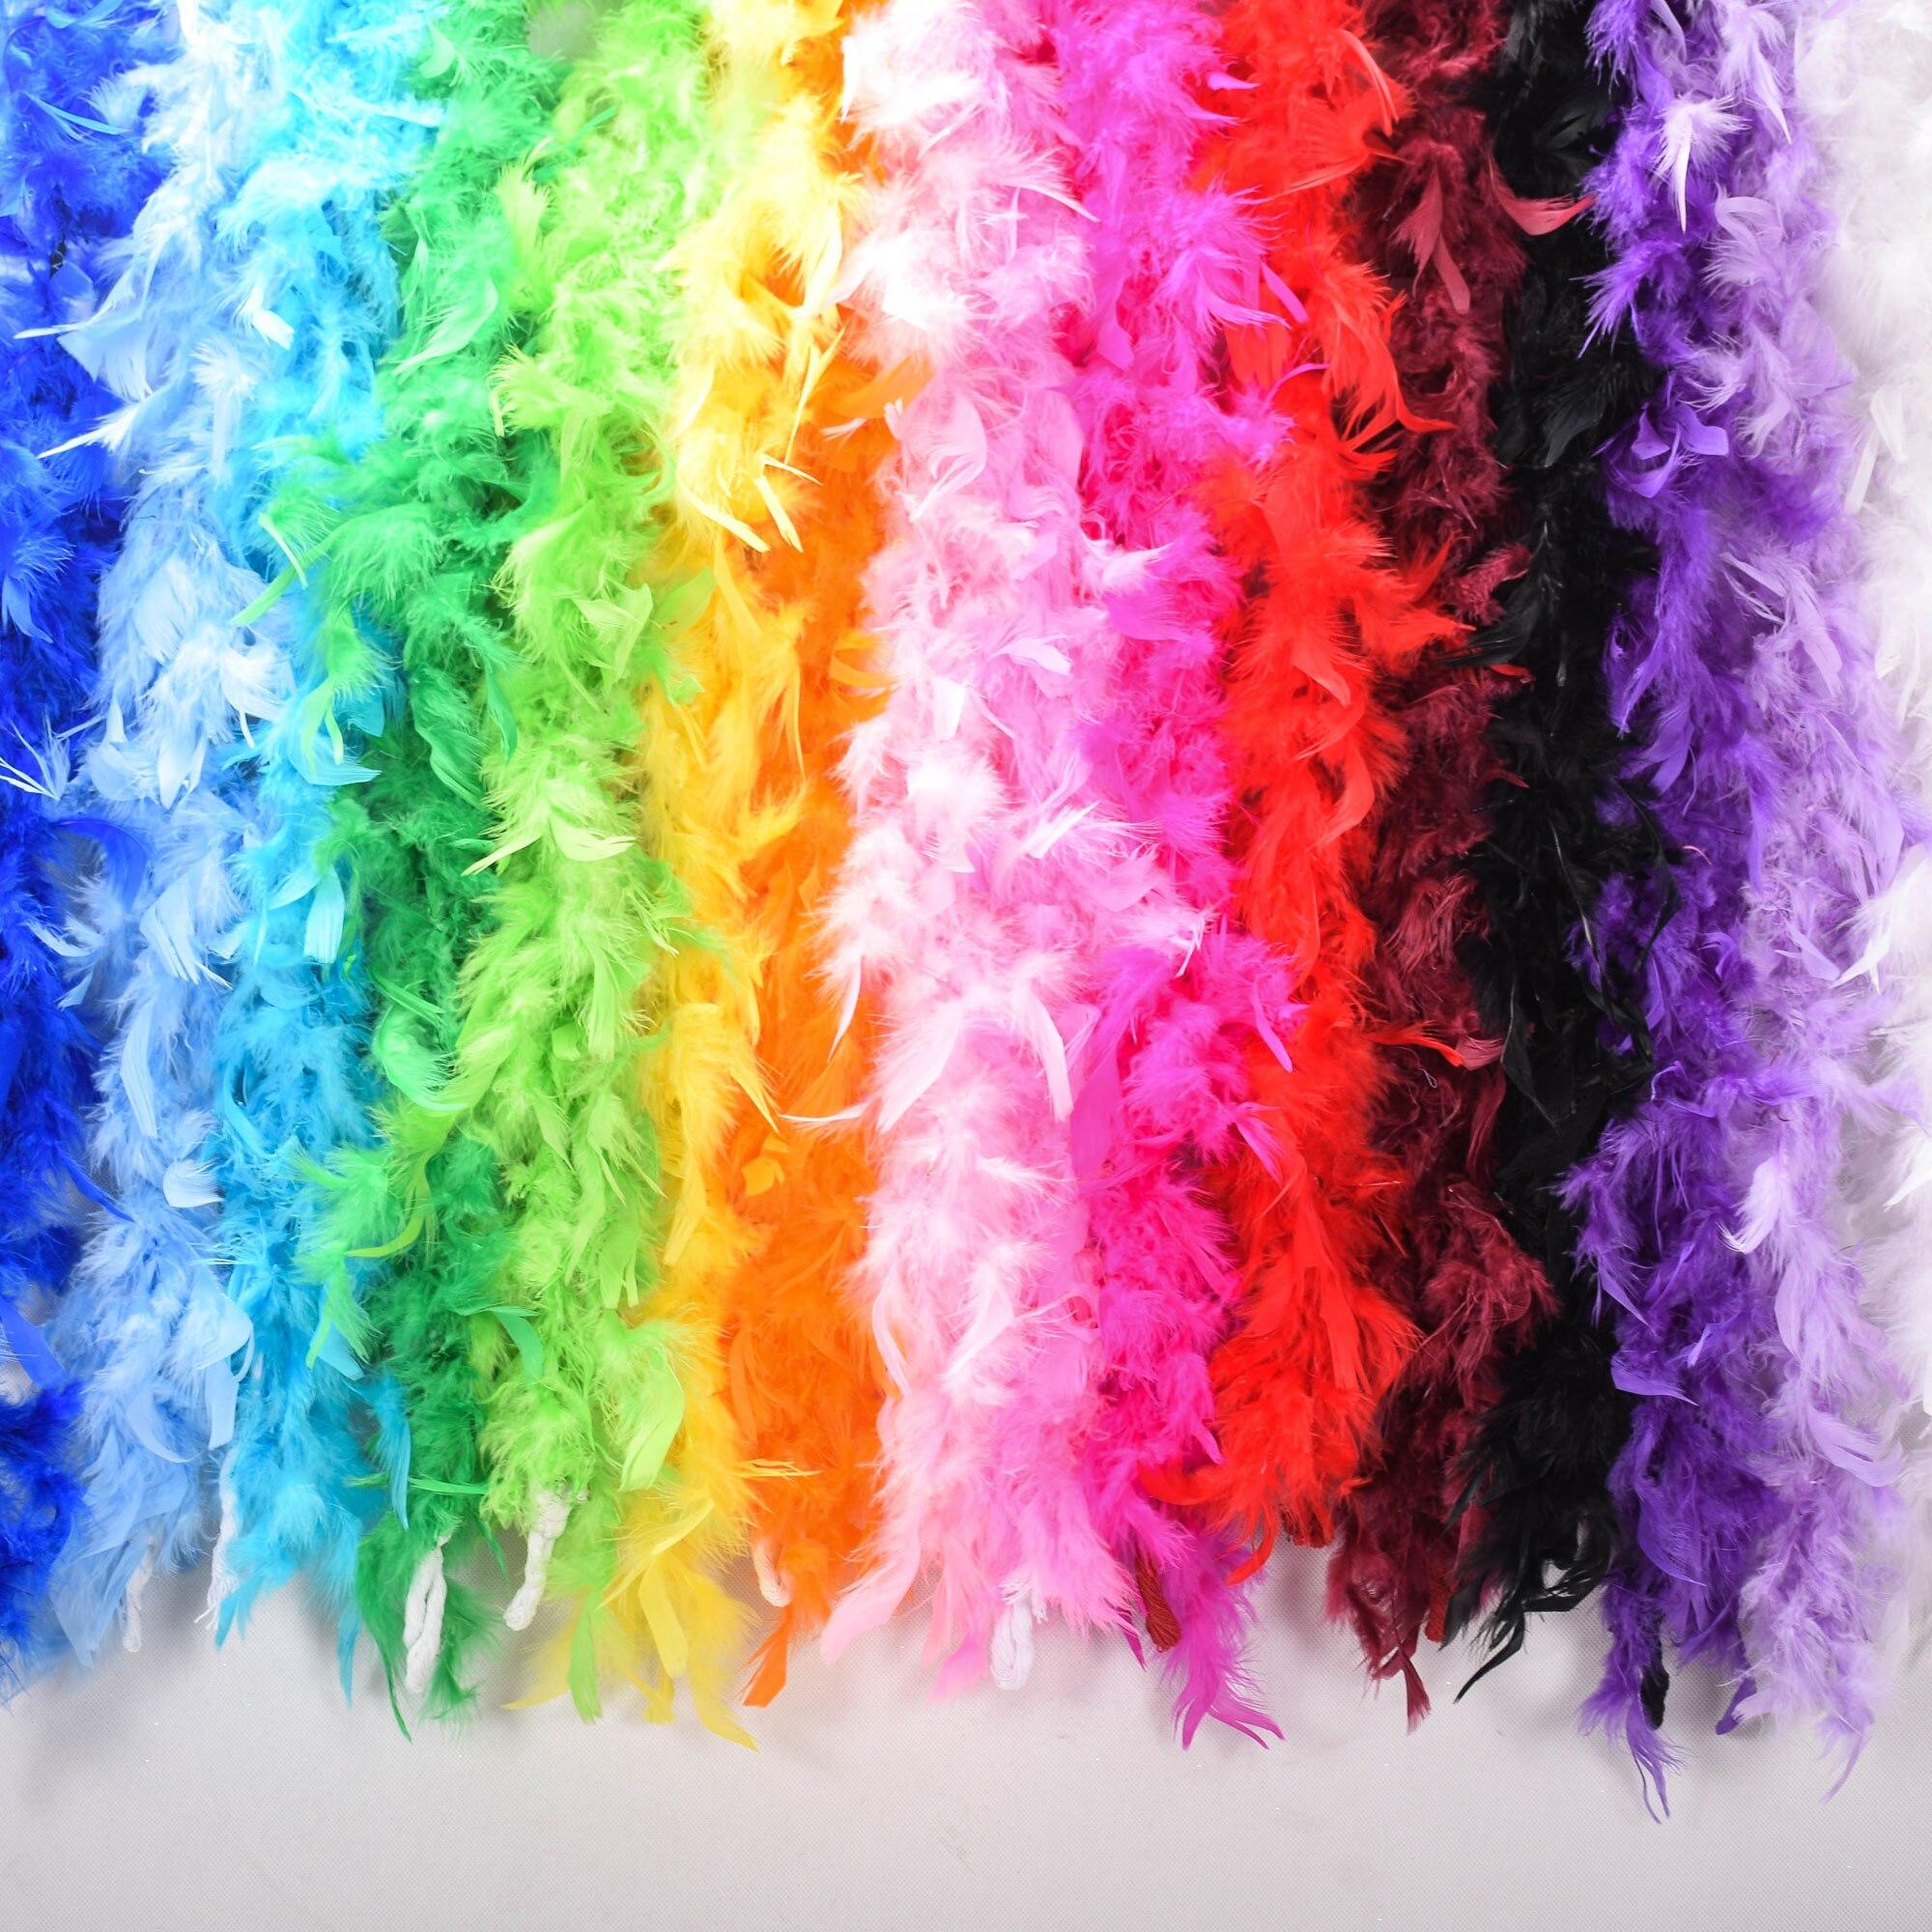 2 м многоцветная пушистая ручная работа страусиное перо плюмовый Боас шарф Одежда для свадьбы День святого Валентина украшение представление танец